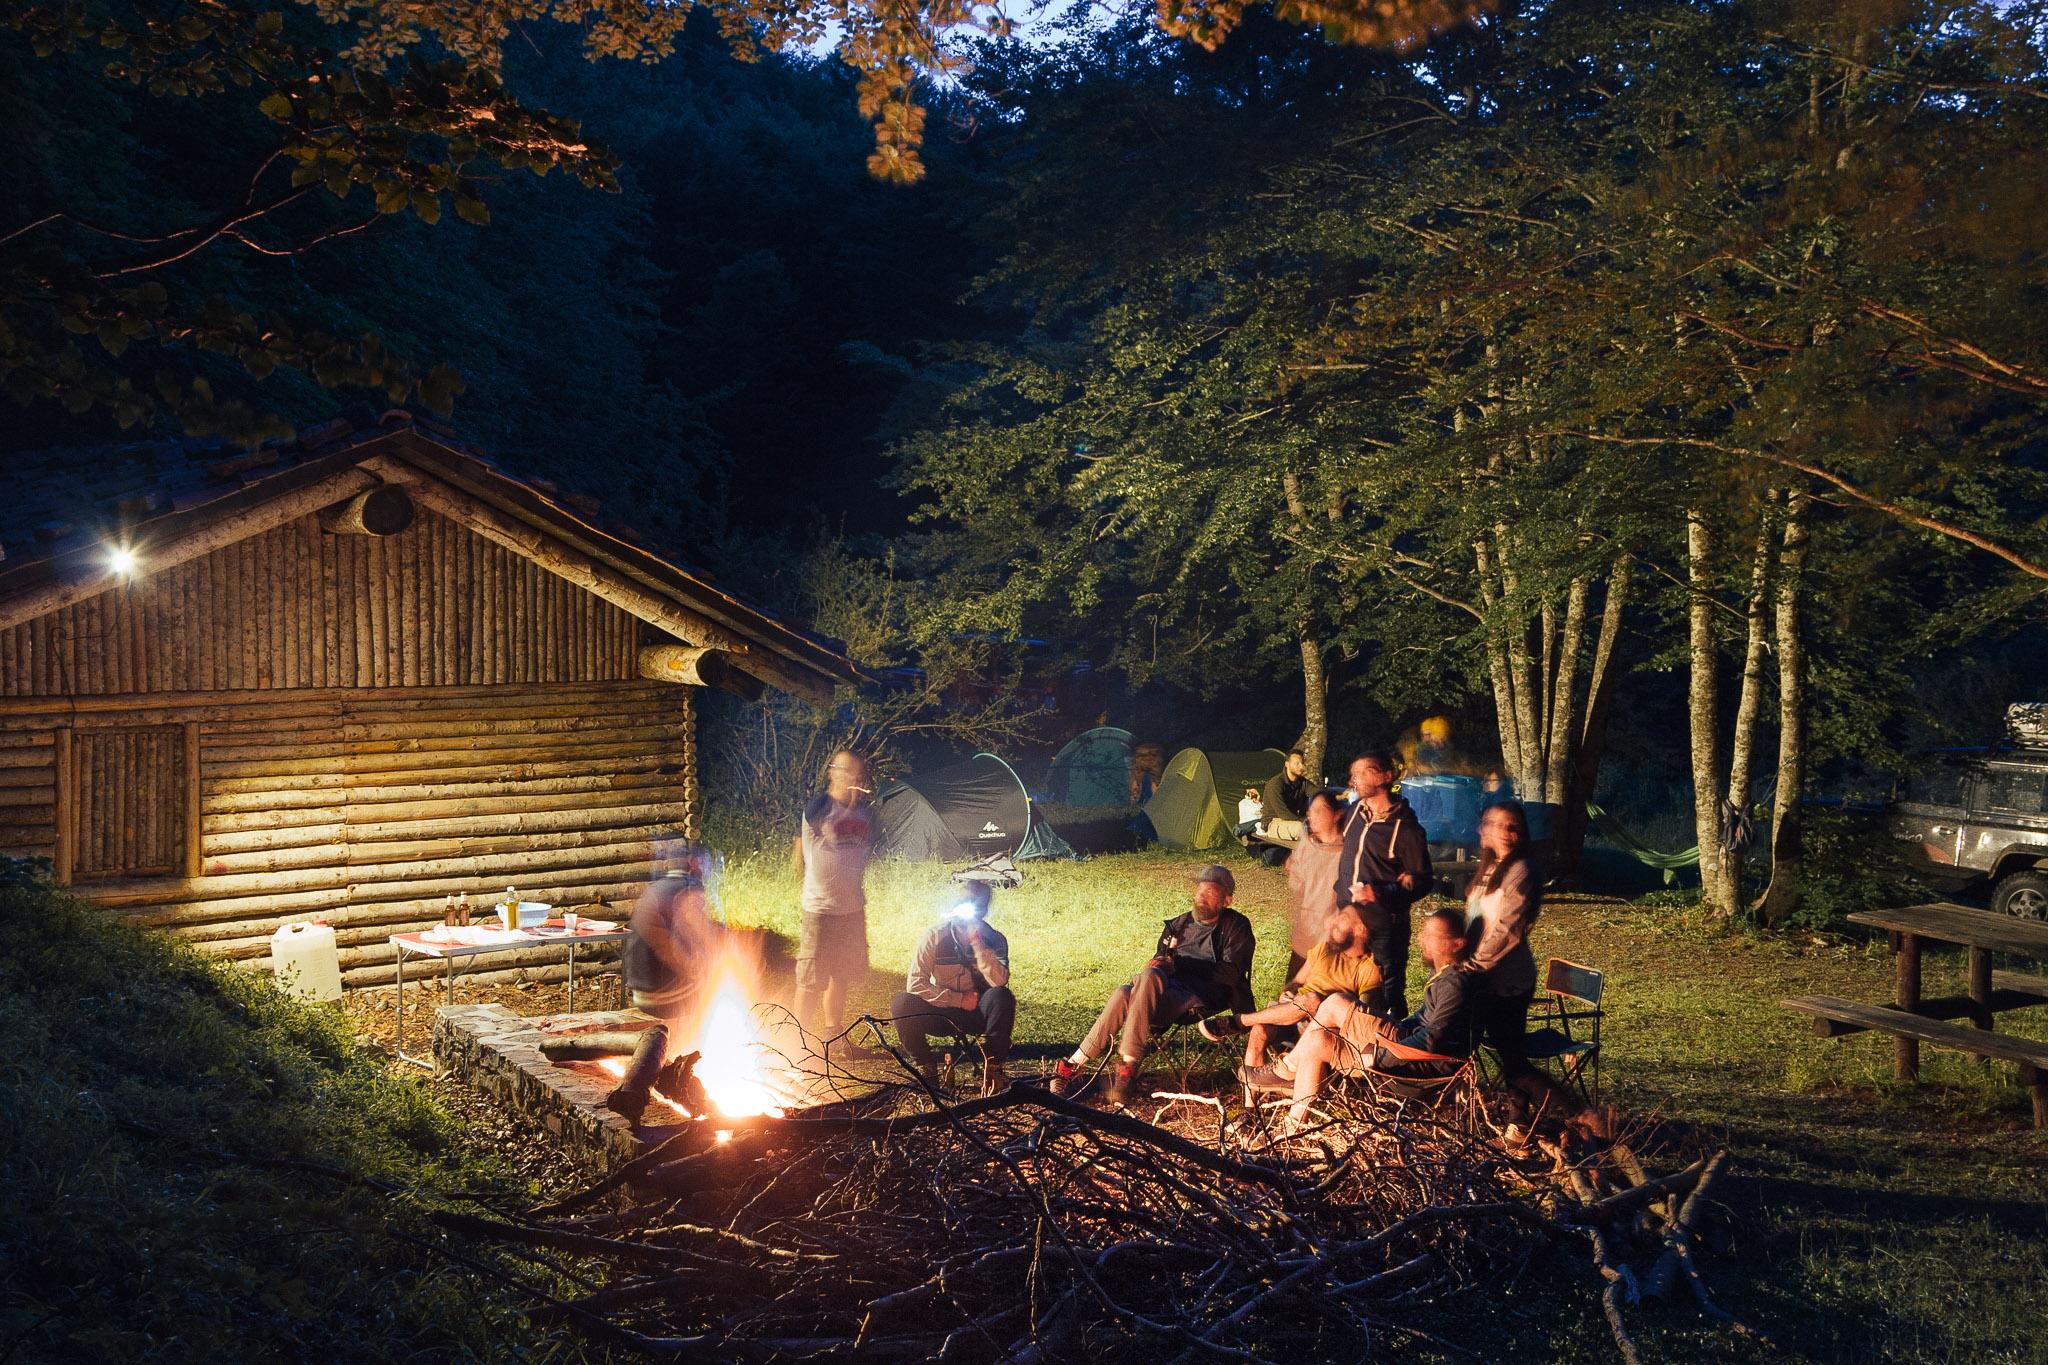 Camp Dirigo - Avventure in campeggio, trekking e off-road